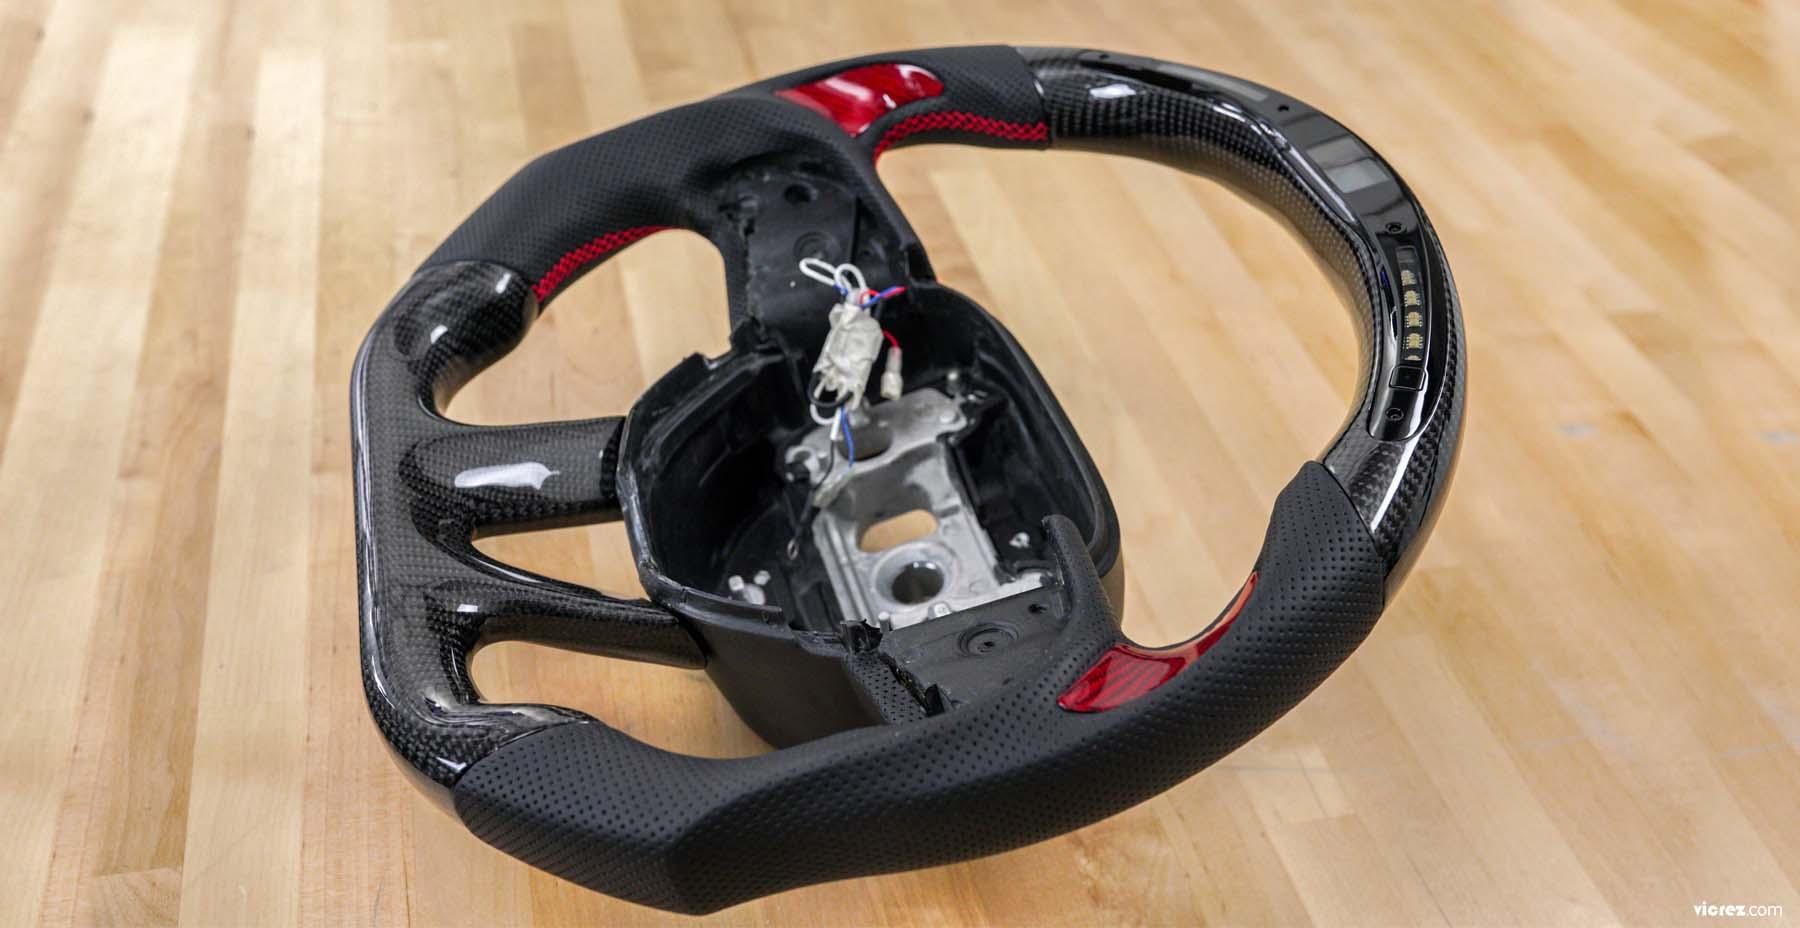 Vicrez Custom Carbon Fiber Steering Wheel +LED Dash vz101789 | Nissan 370z|Maxima|Sentra|Juke 2009 2010 2011 2012 2013 2014 2015 2016 2017 2018 2019 2020